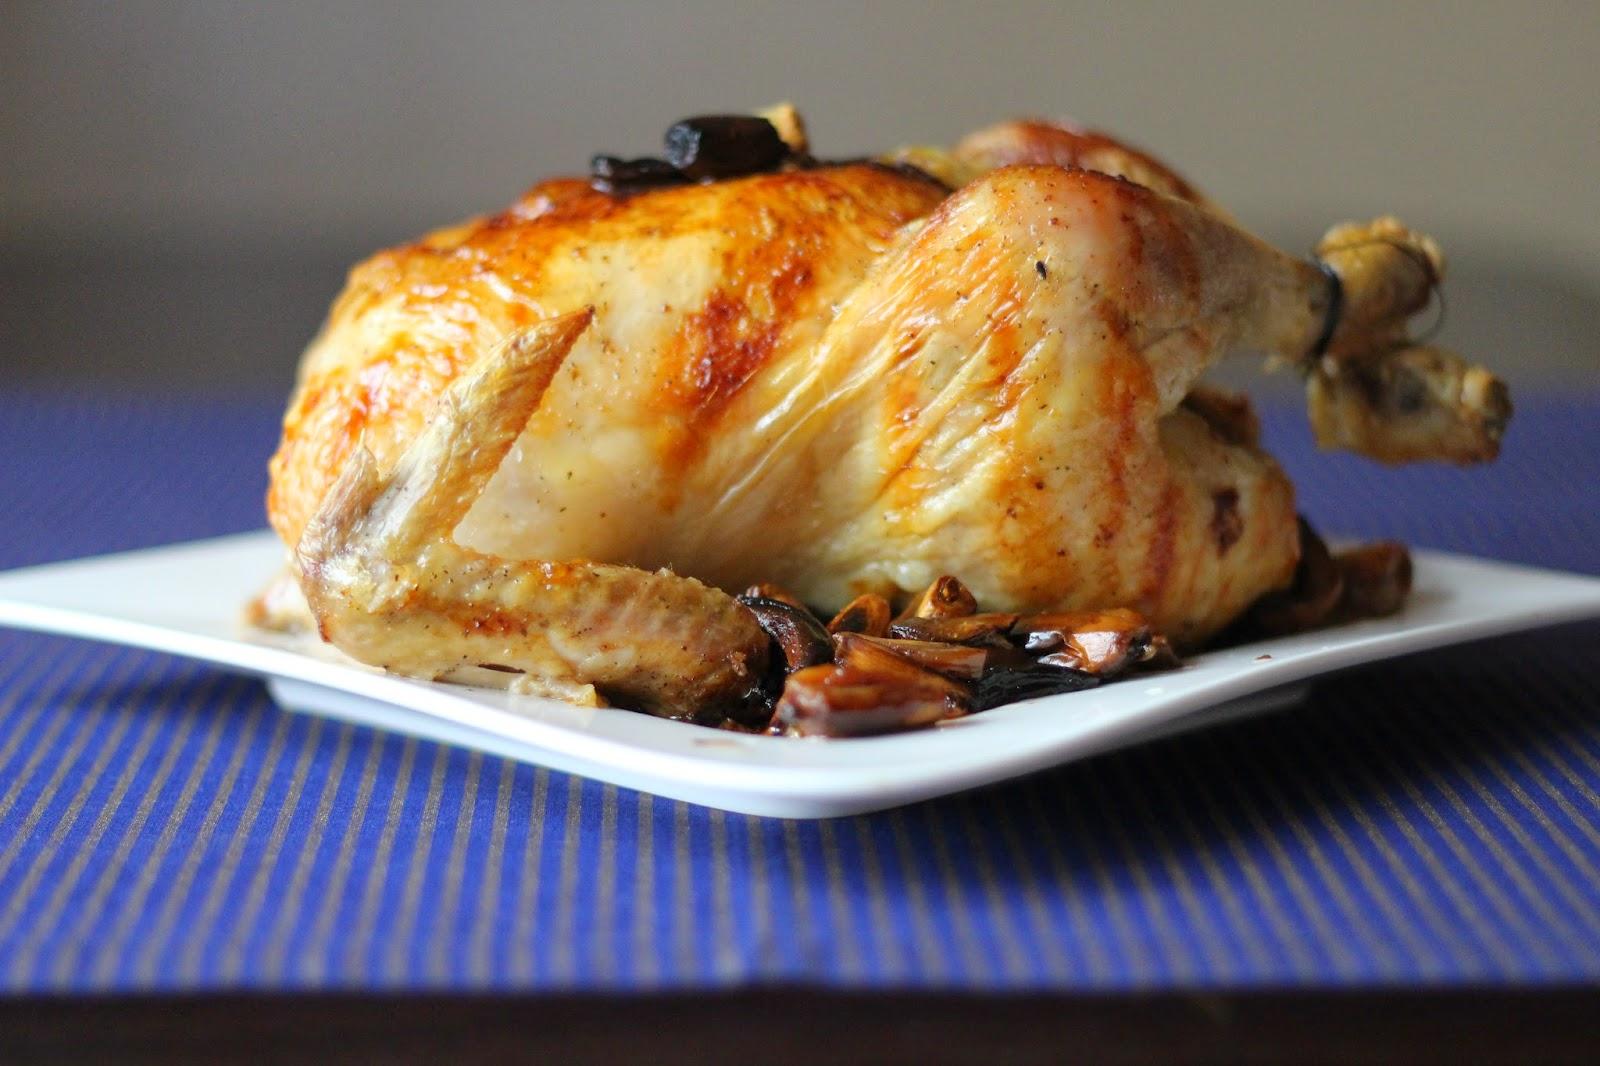 Kurczak pieczony z 40 ząbkami czosnku.